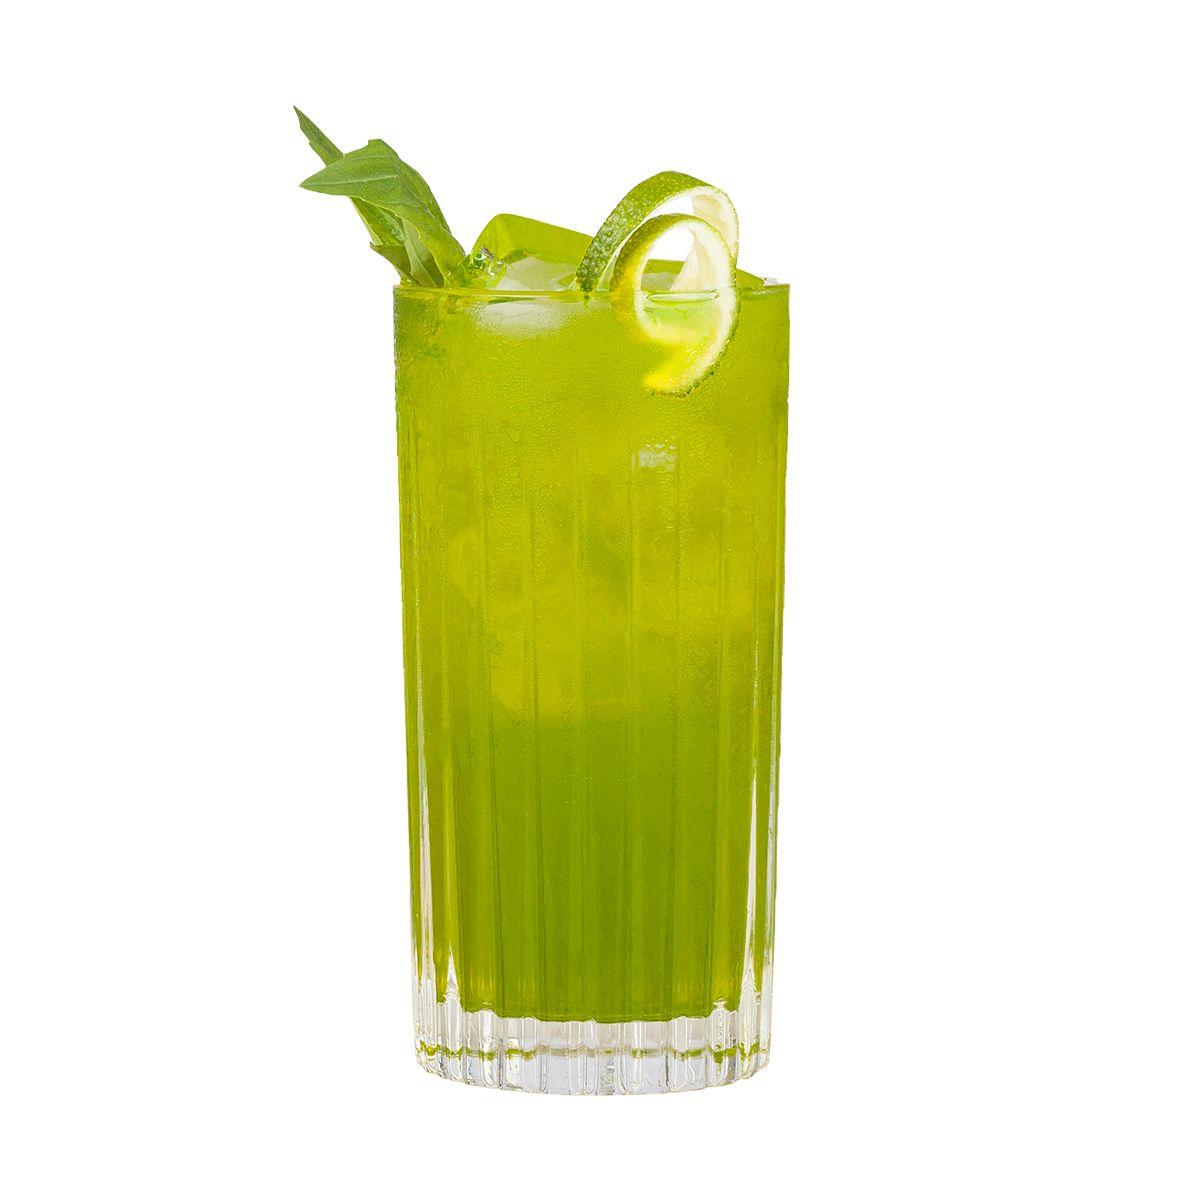 Gin Basil Mule: Longdrink mit THE DUKE Munich Dry Gin und Balis Basilikum-Ingwer-Limonade